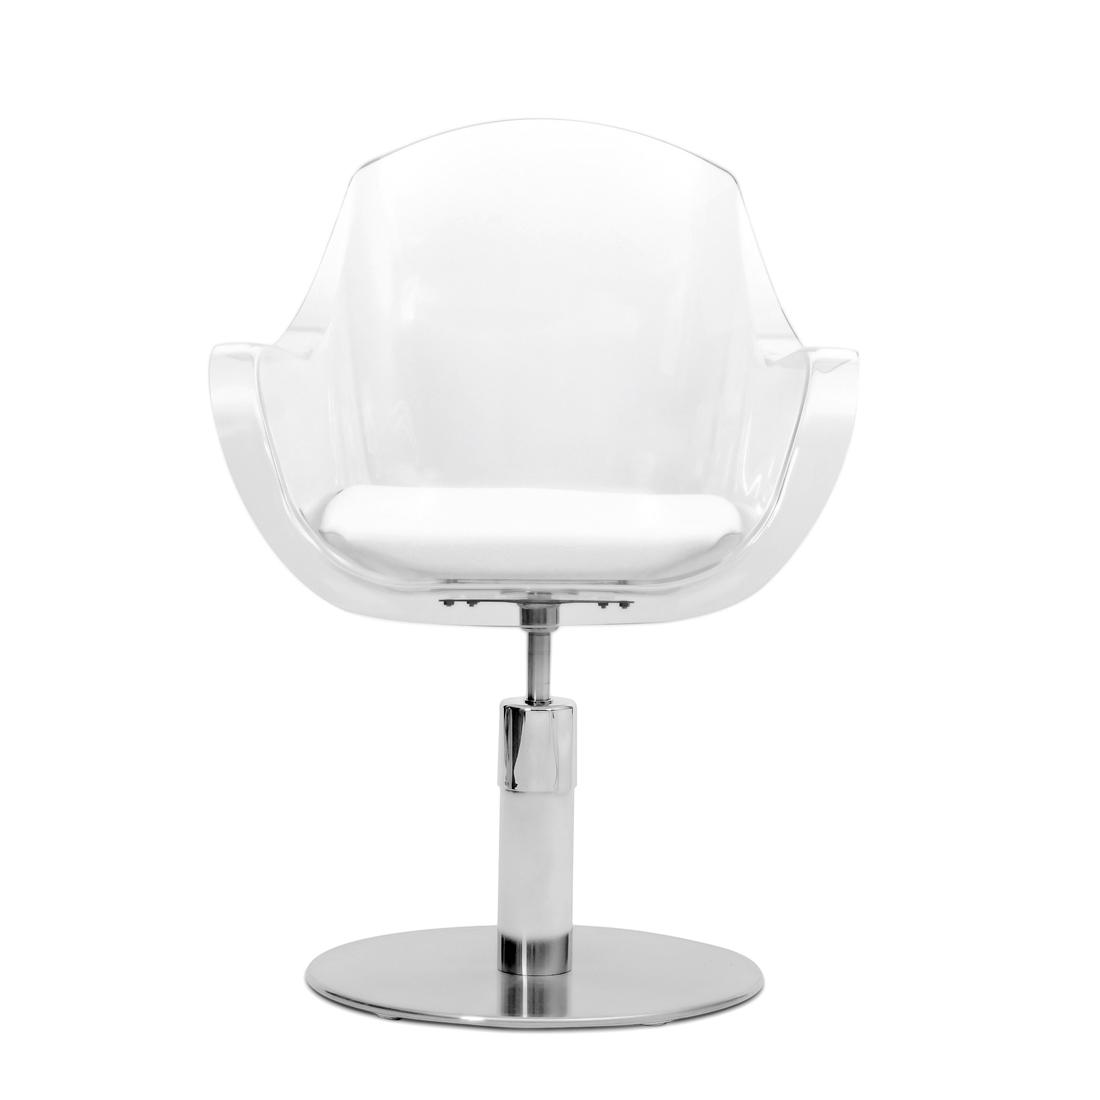 CINDARELLA – Manon chair 2